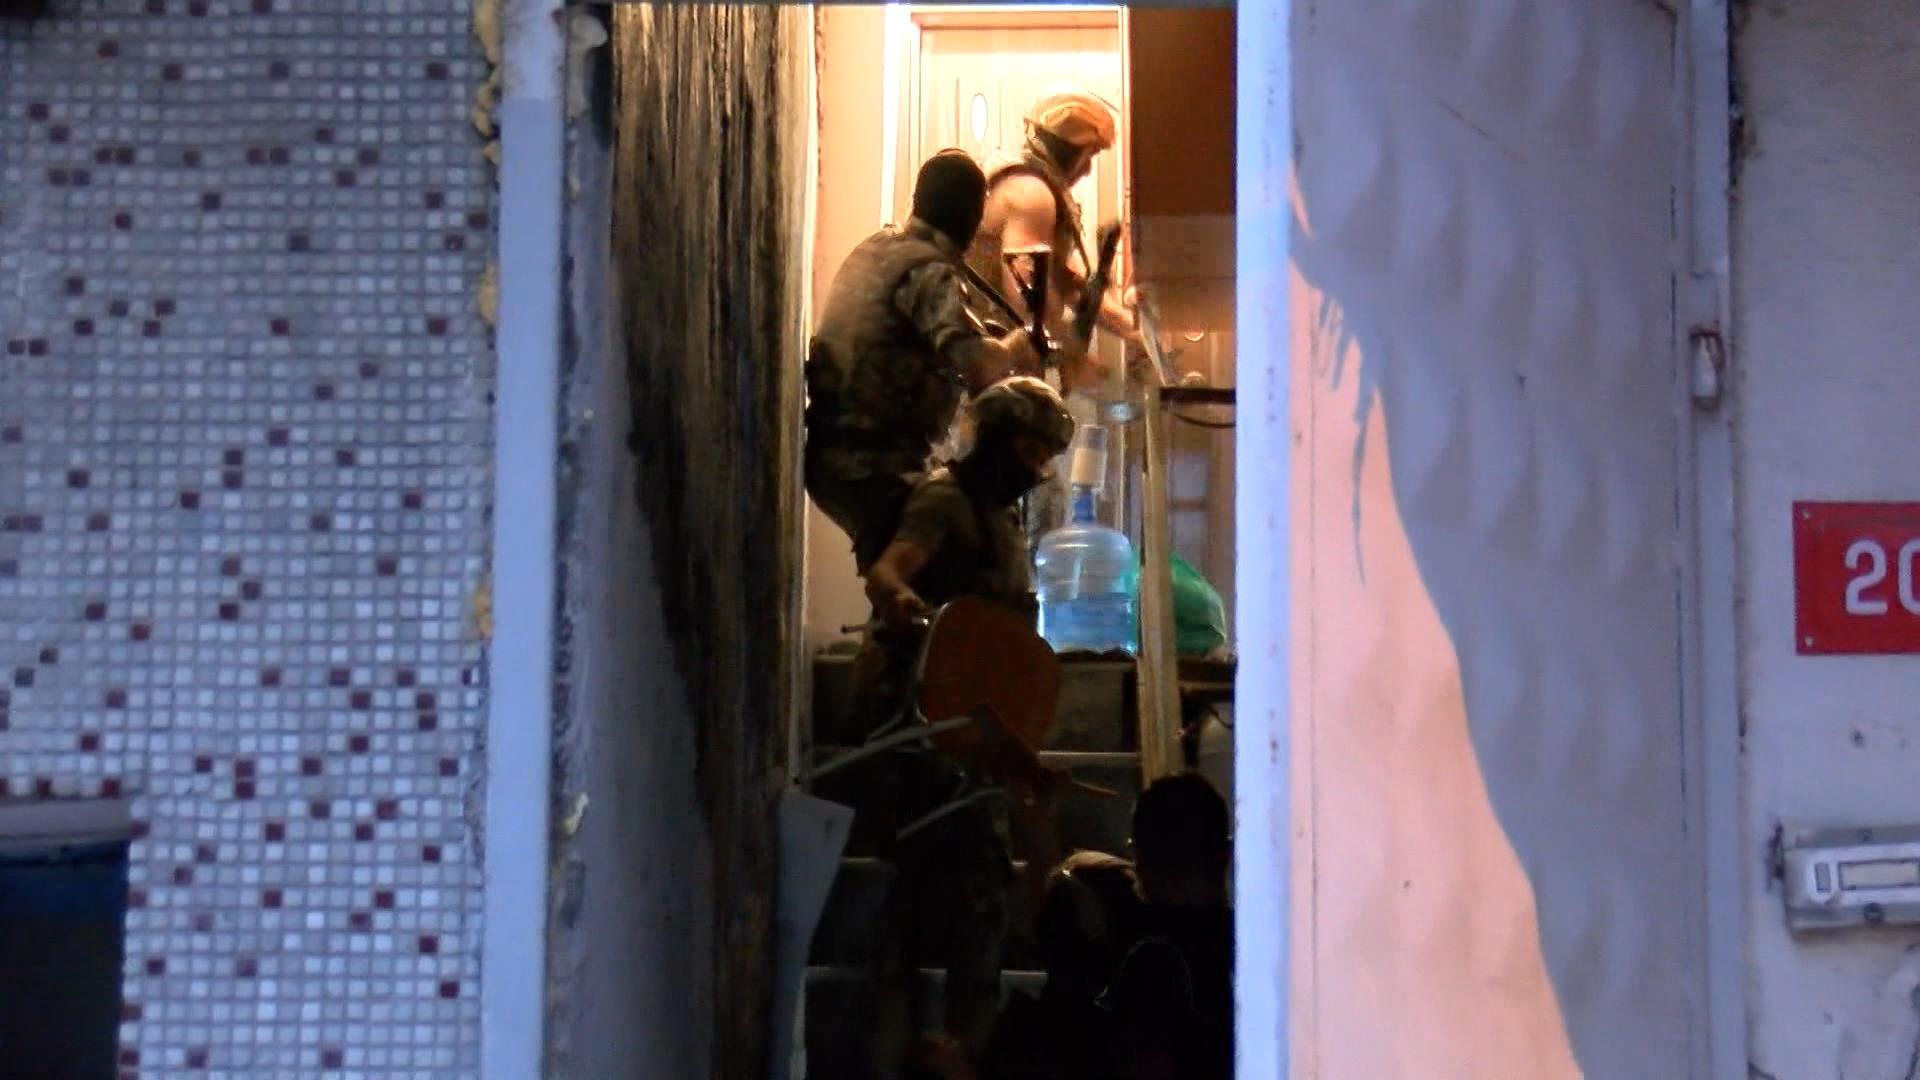 İstanbul'da 400 polisle uyuşturucu operasyonu, 75 şüpheli gözaltında